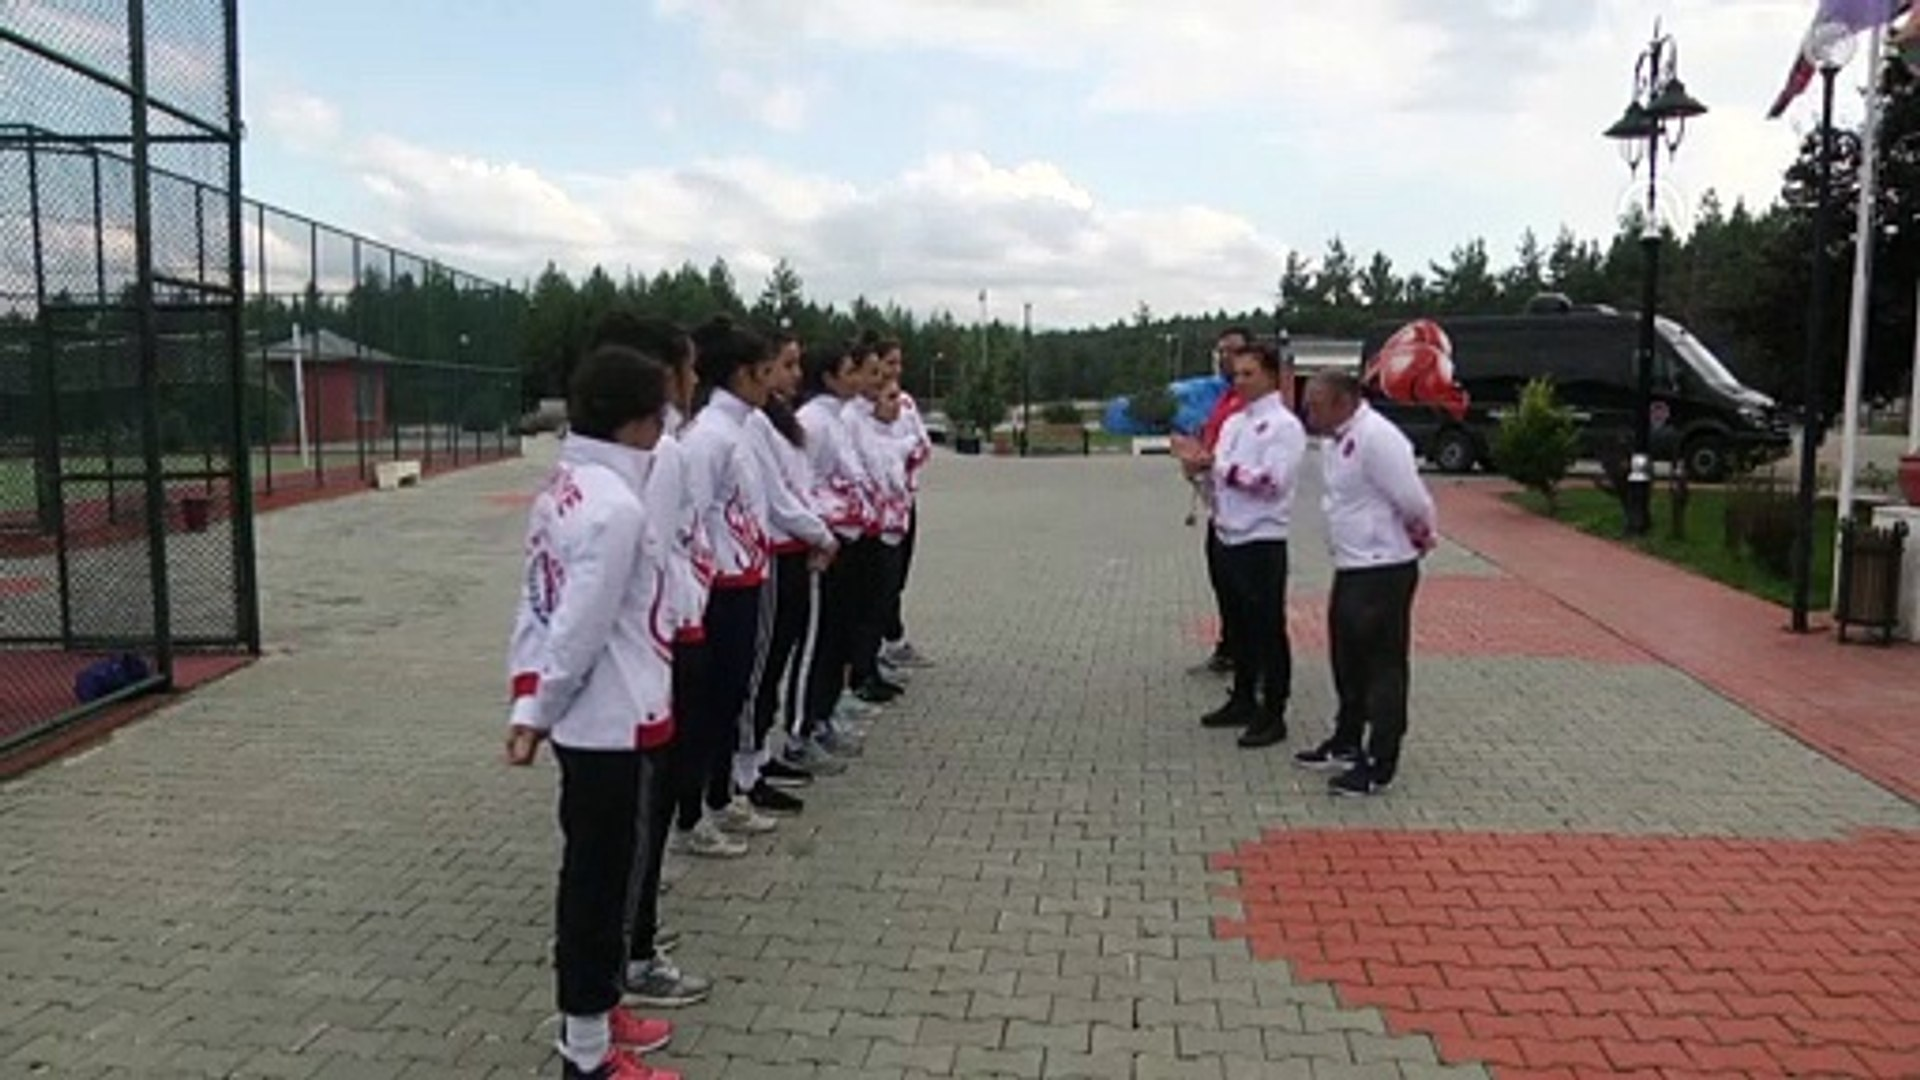 Genç boksörlerin Kastamonu kampı sona erdi - KASTAMONU